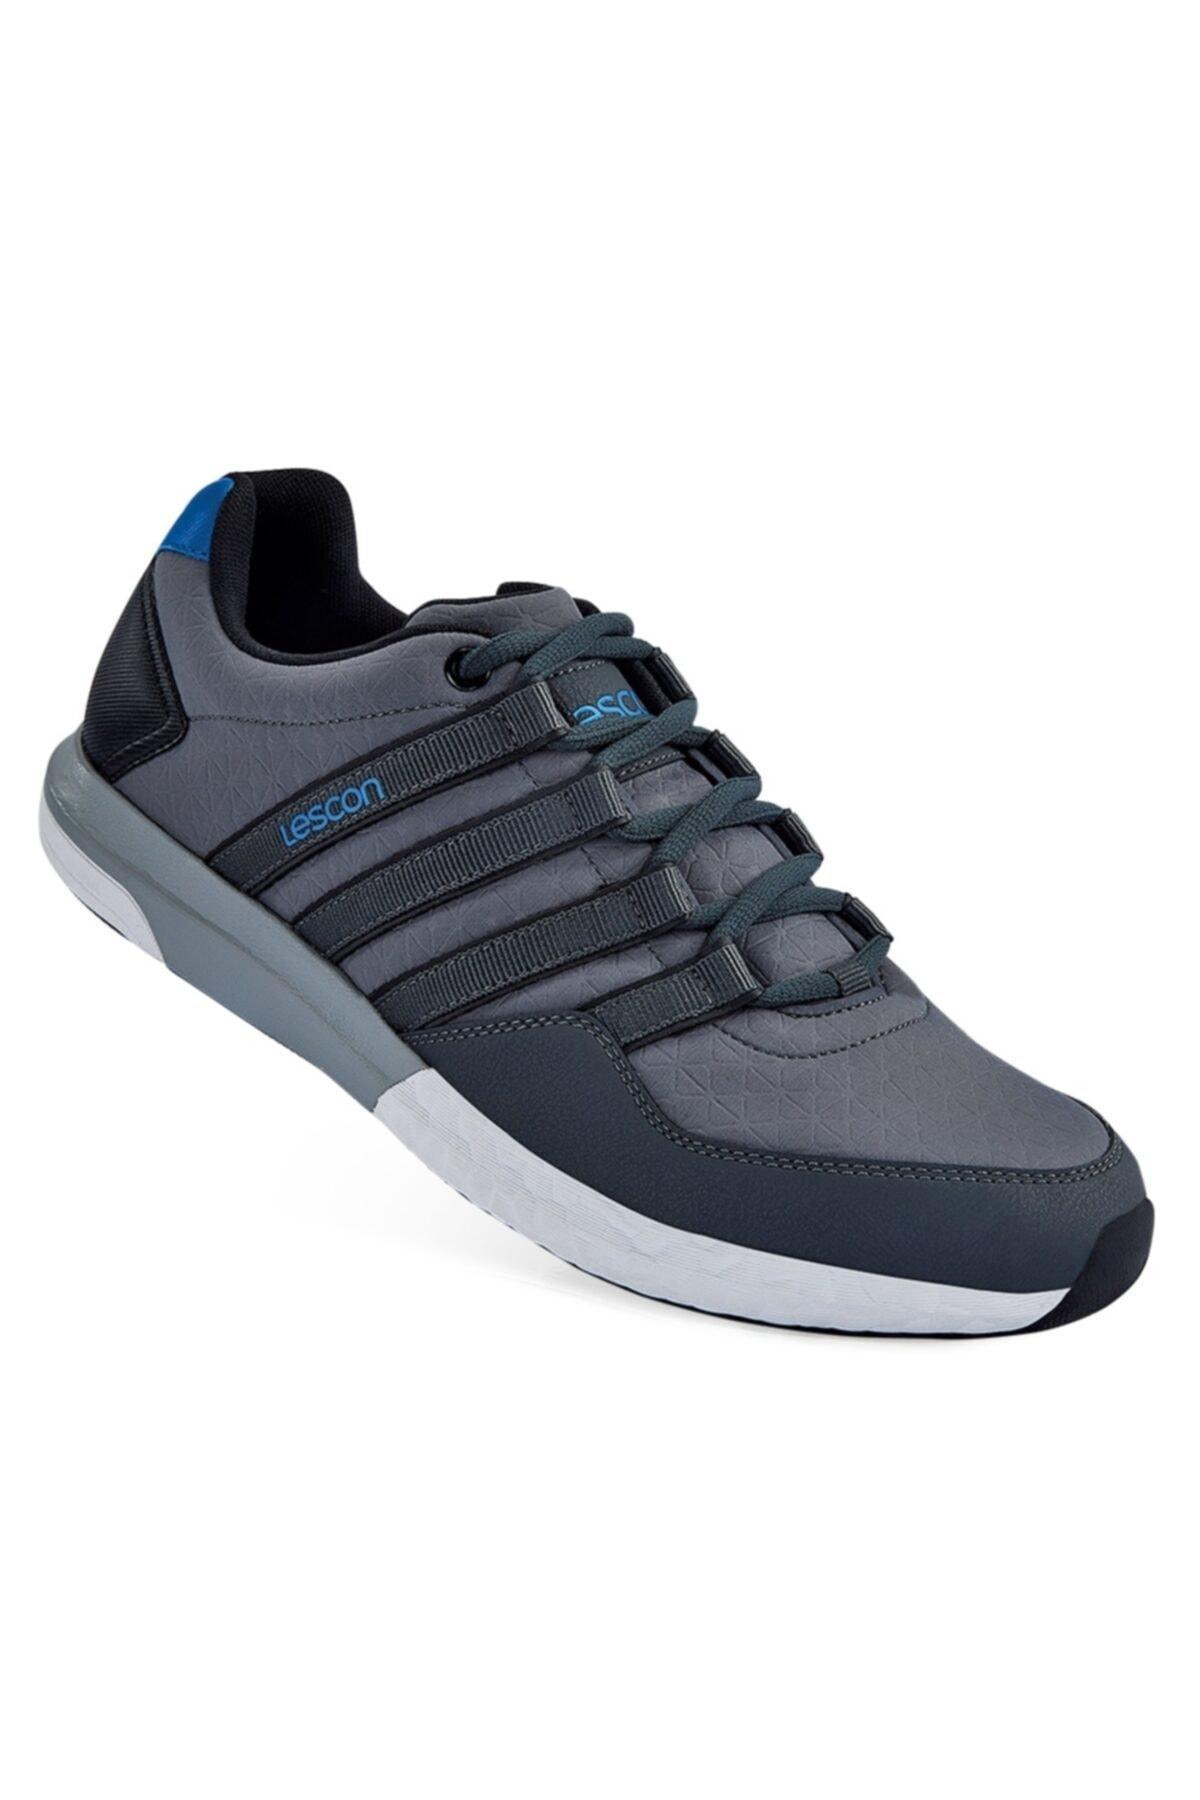 Lescon Füme Bağcıklı Easystep Spor Ayakkabı 1